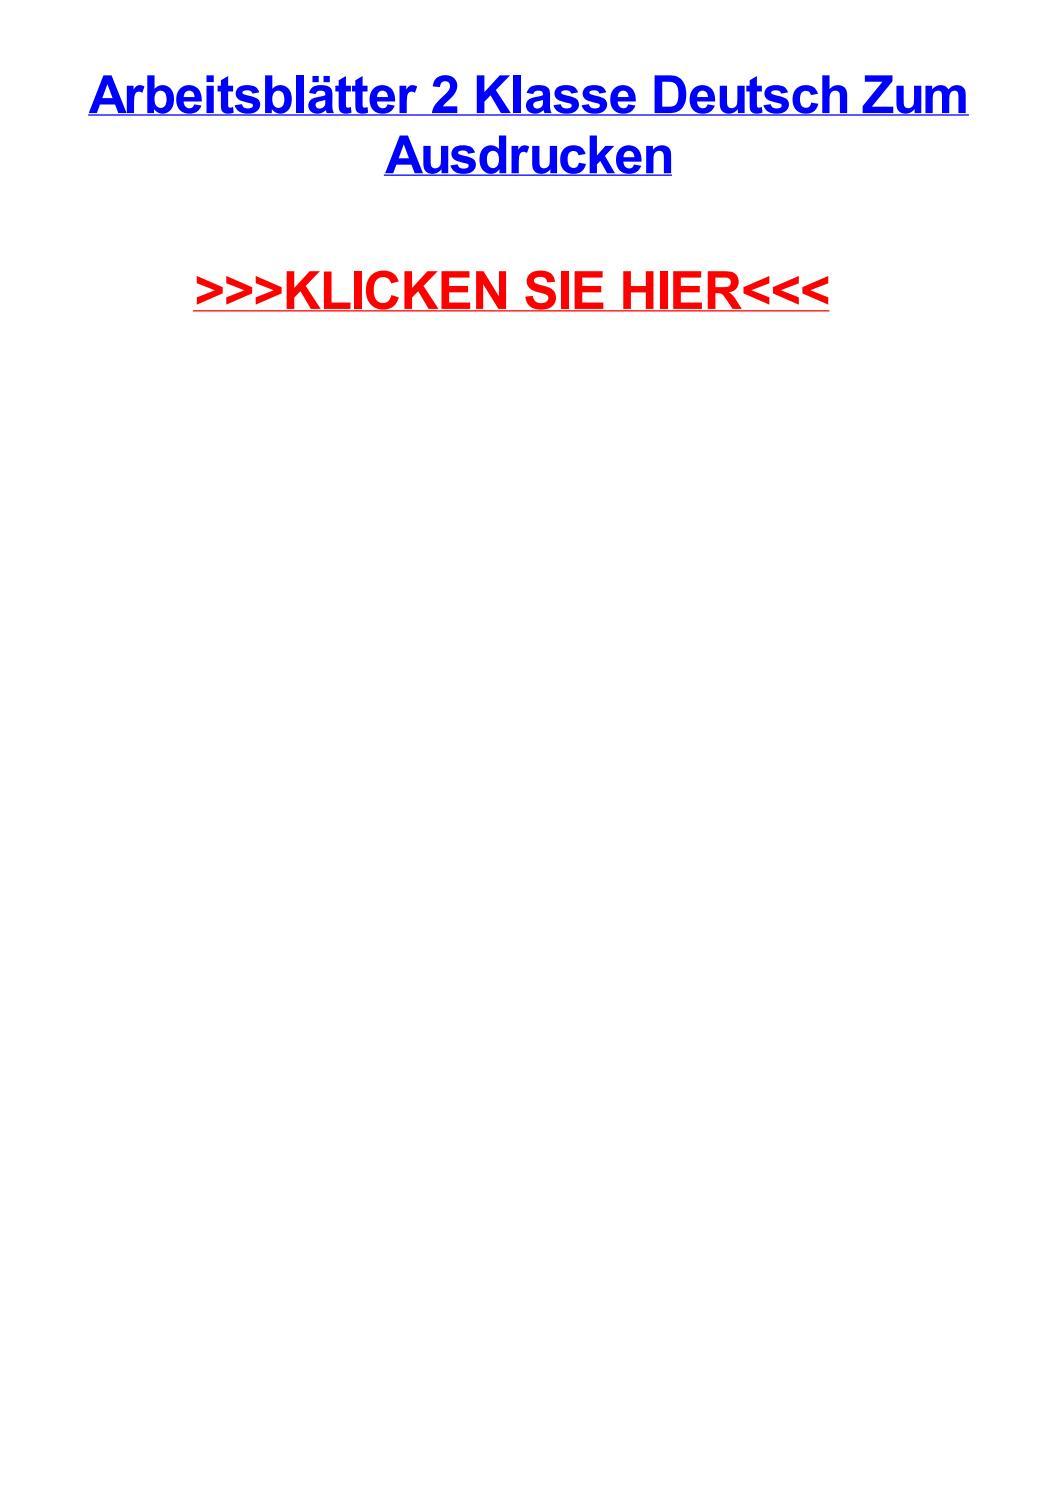 Arbeitsbltter 2 klasse deutsch zum ausdrucken by hollowaywqqej - issuu